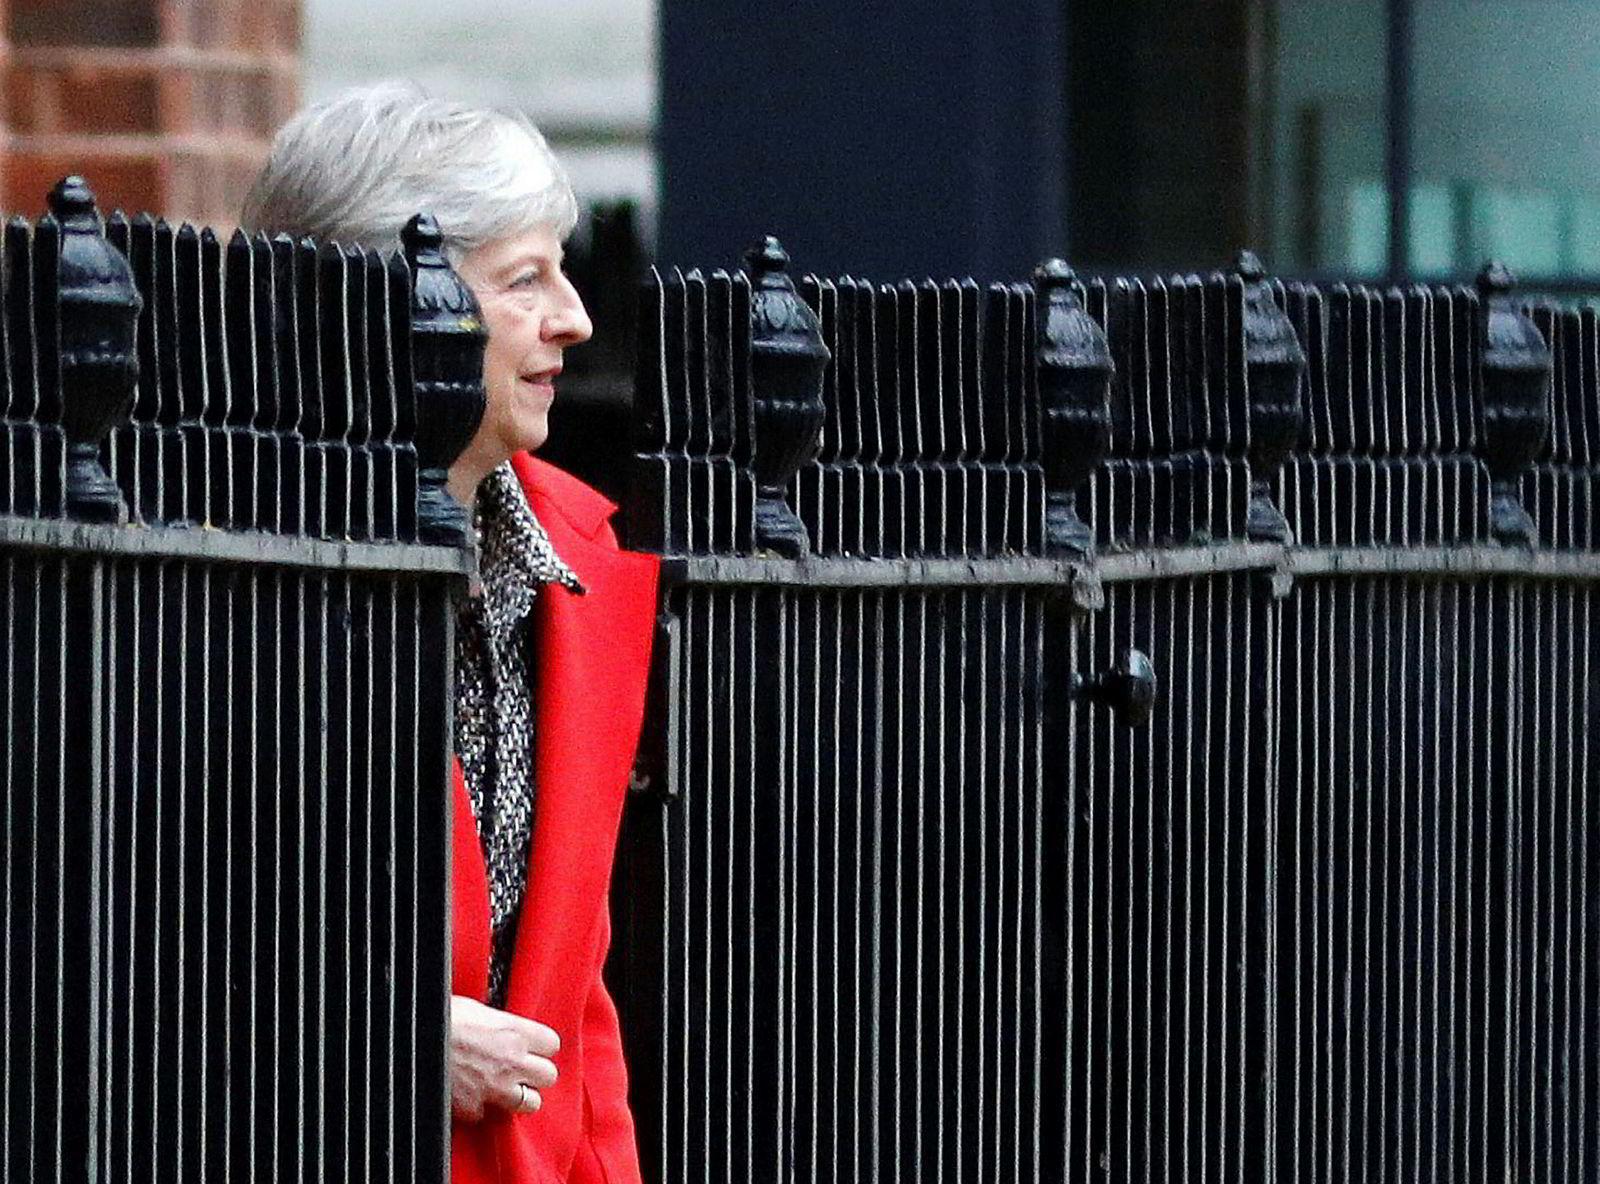 Statsminister Theresa May og Storbritannia forlater EU i 2019.